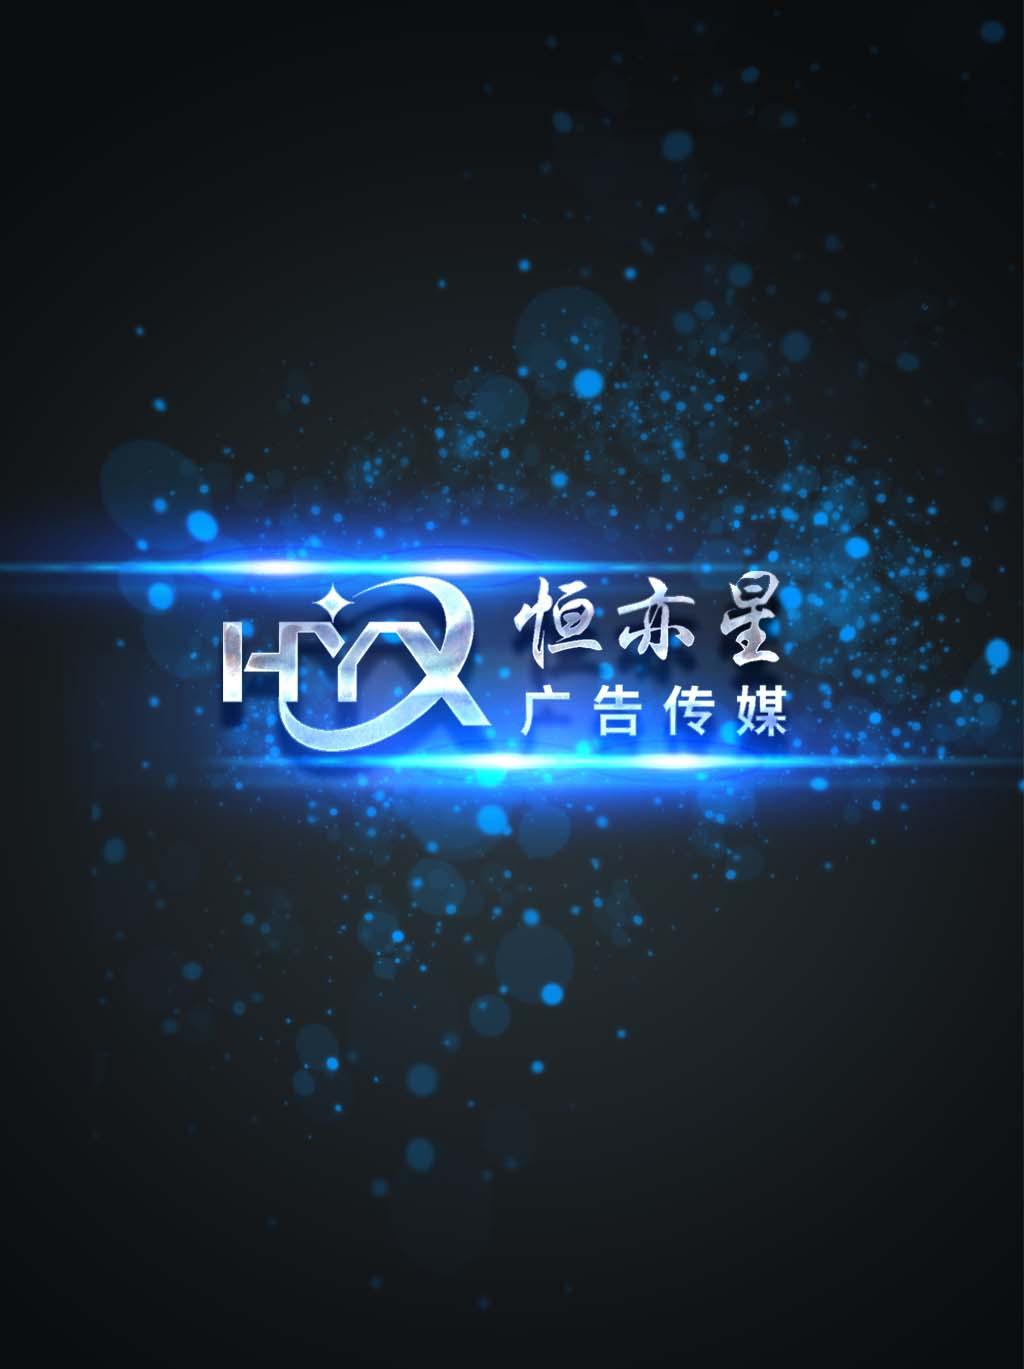 恒亦星广告传媒logo设计_3036844_k68威客网